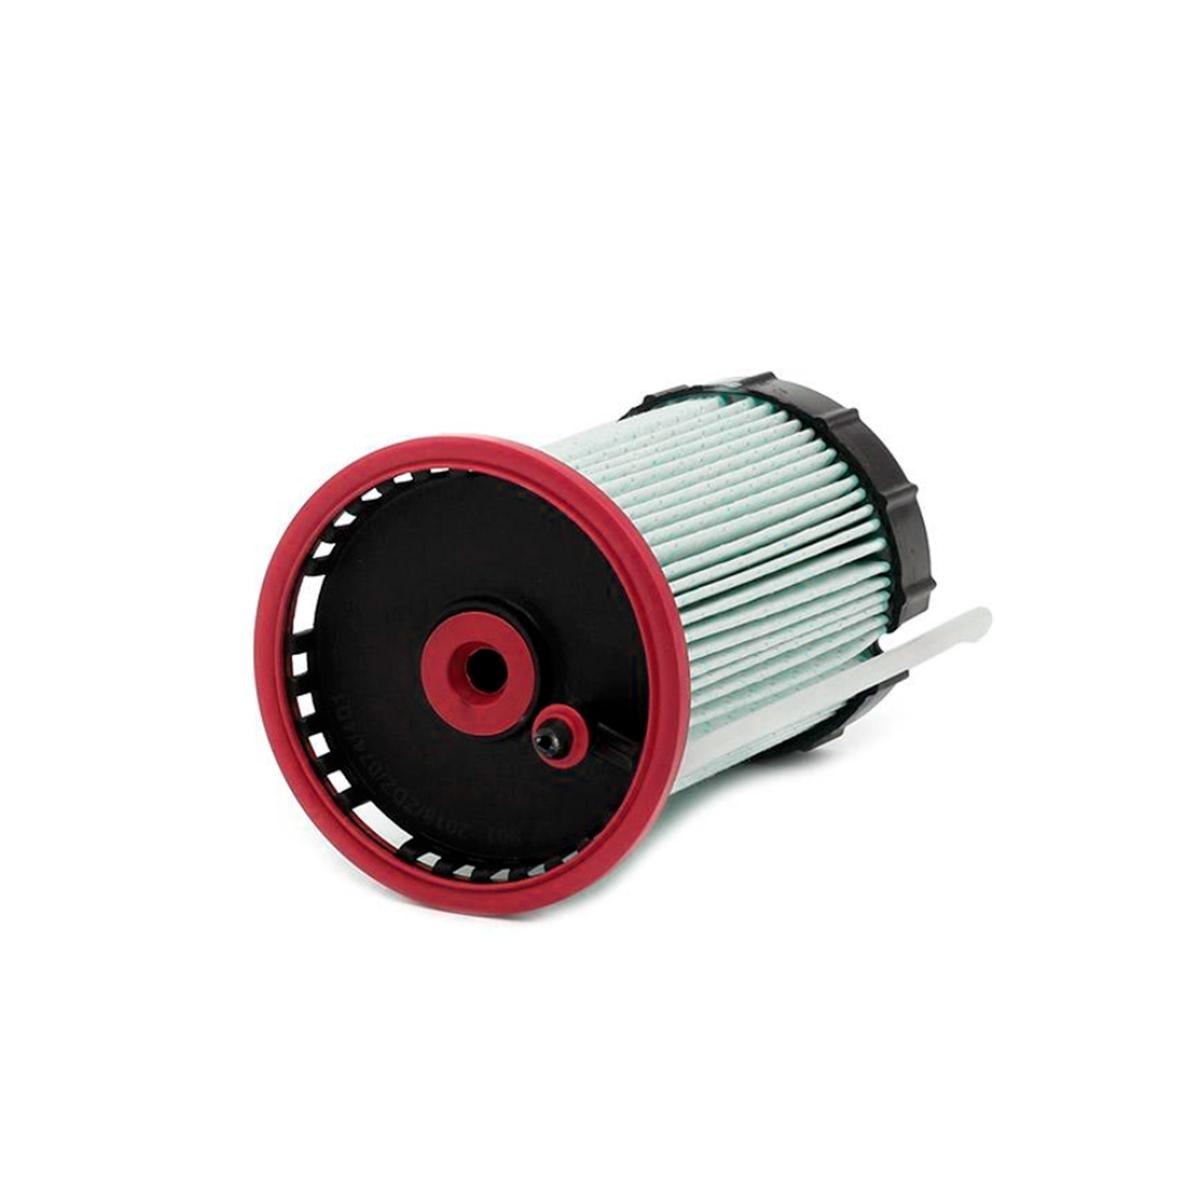 Kraftstofffilter für Audi, Seat, VW, Skoda entsp. PU 8014, FT1673